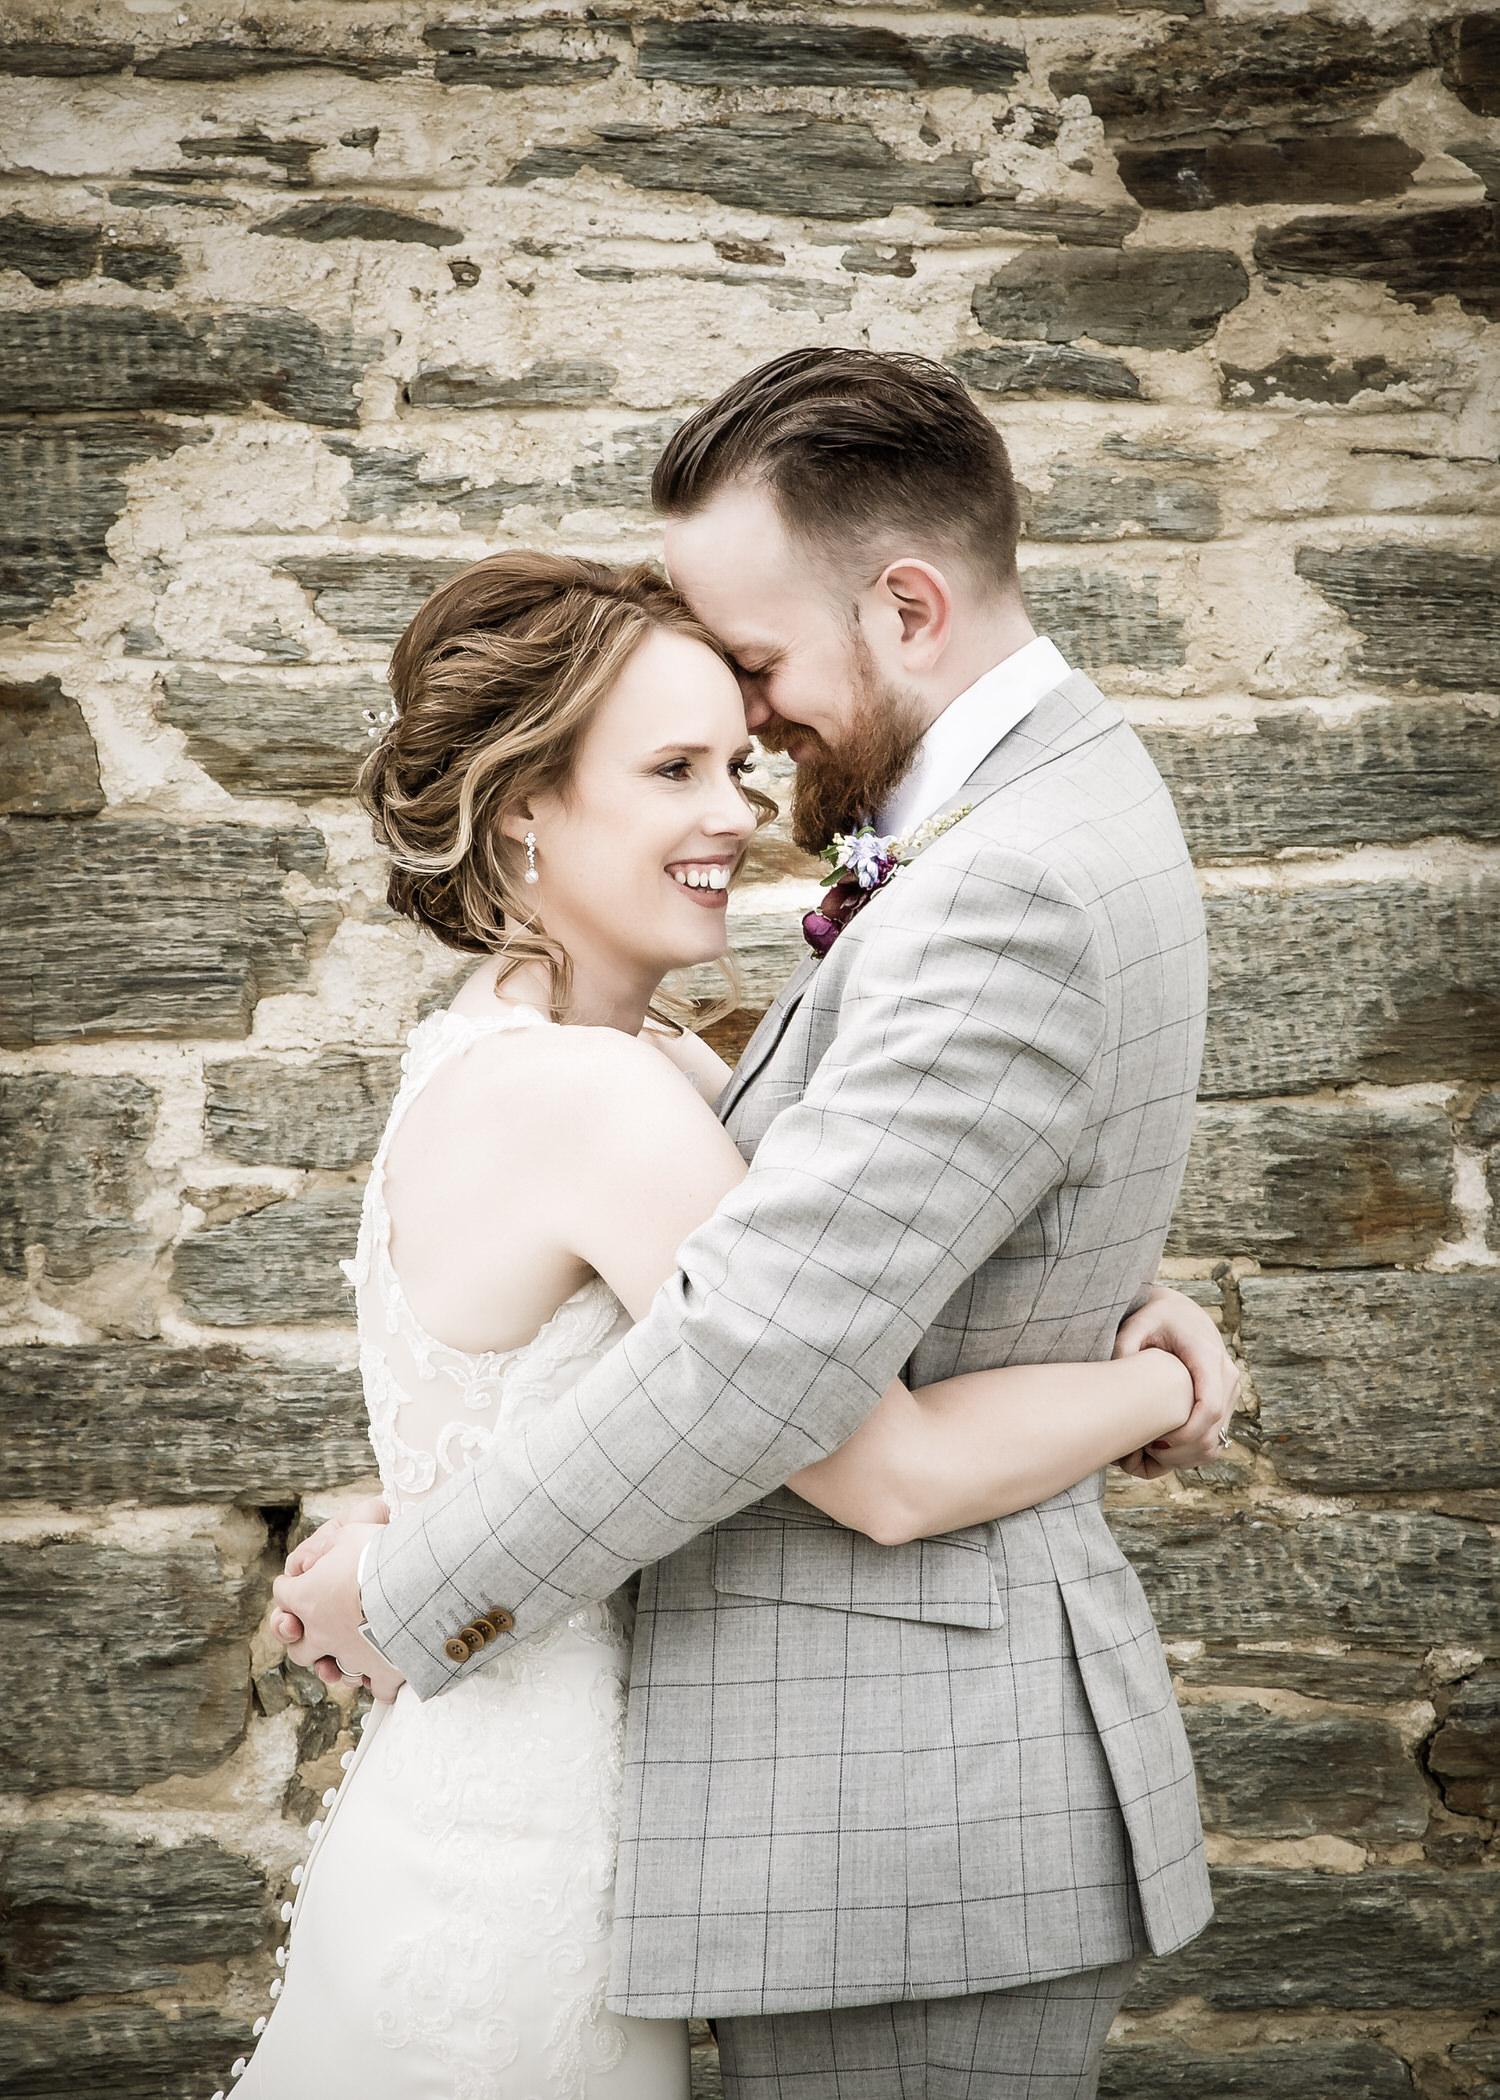 013-bride-groom-happy.jpg